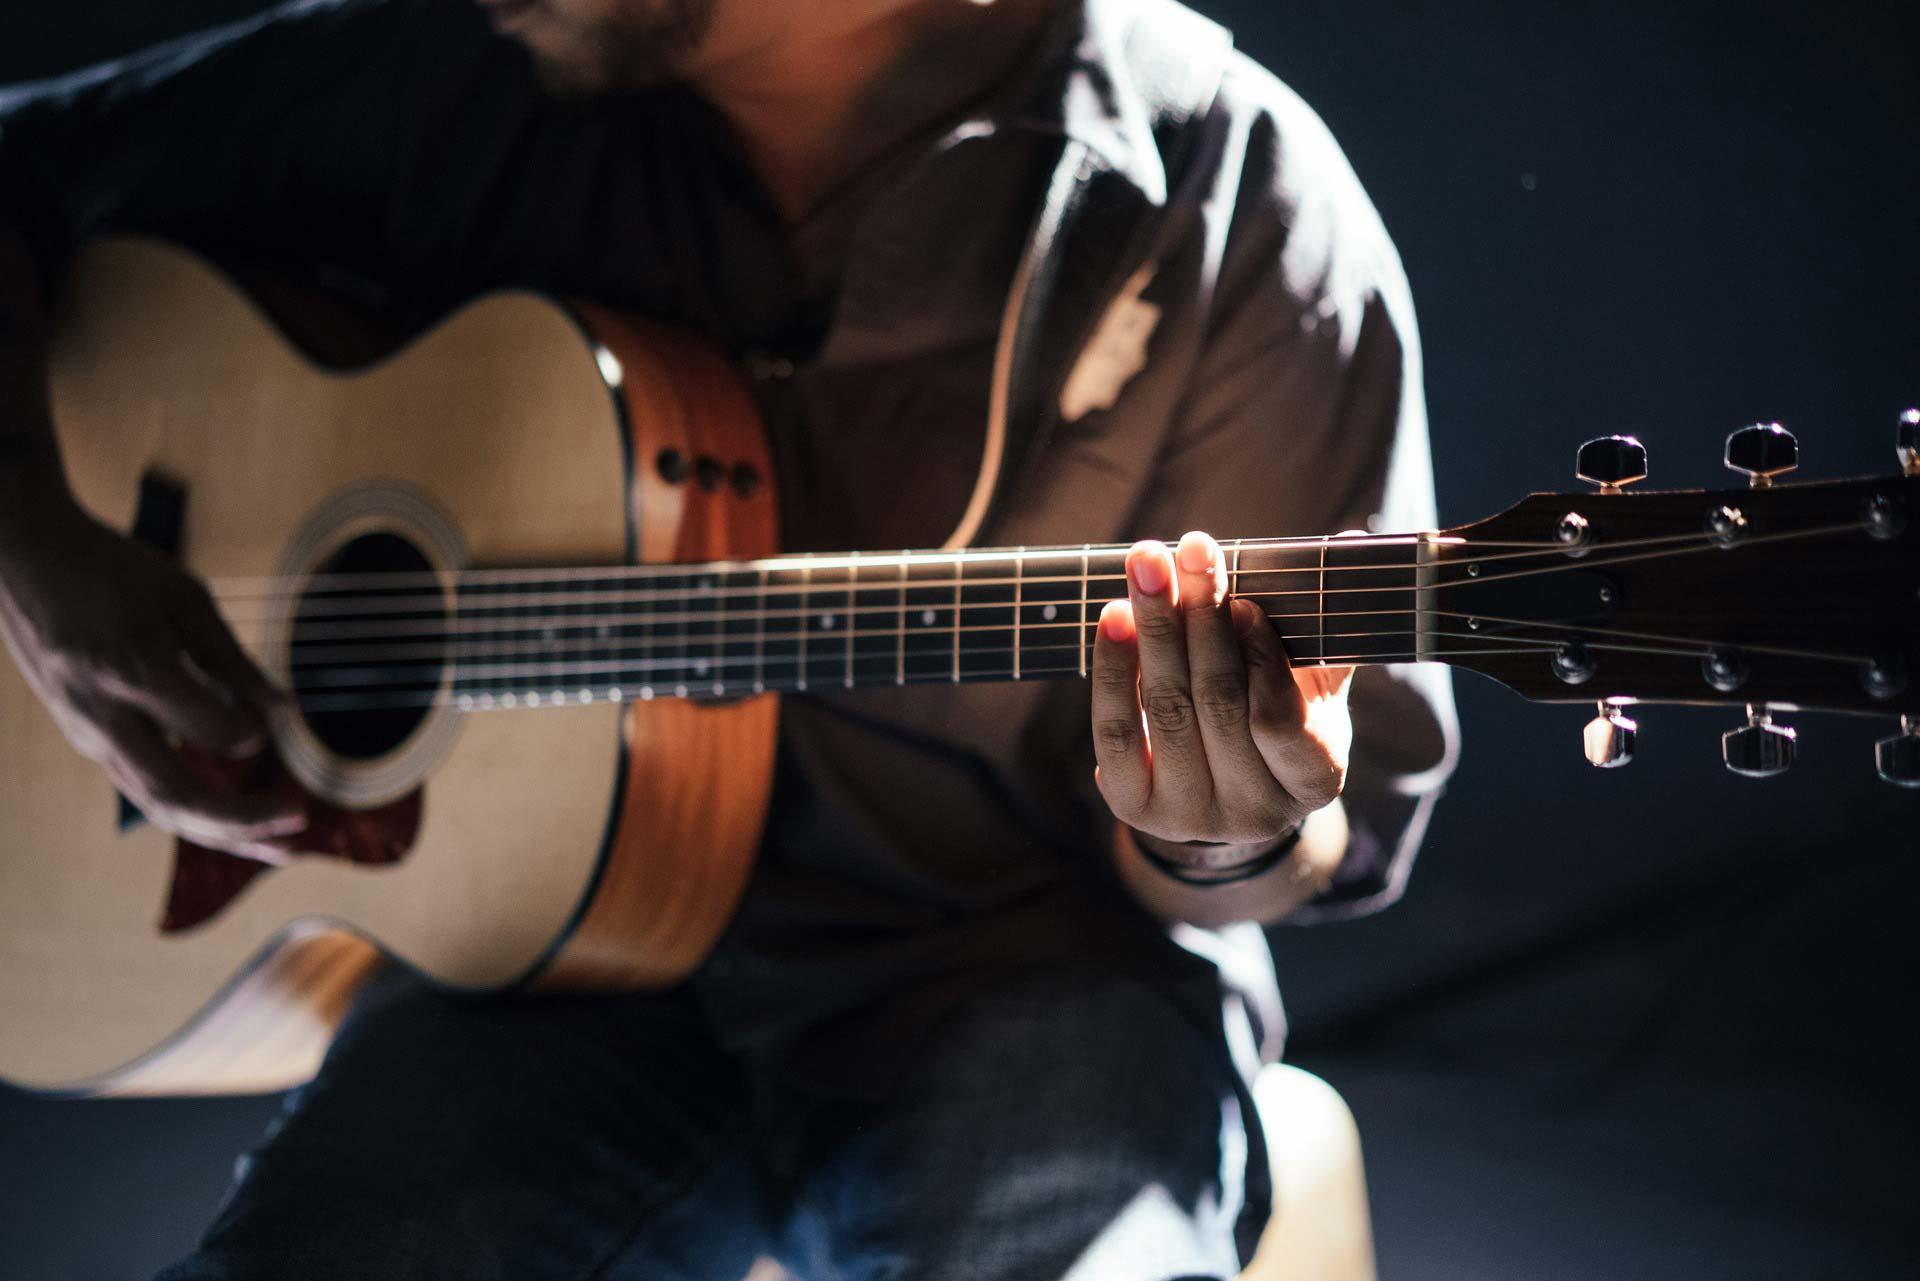 Mann der Gitarre spielt